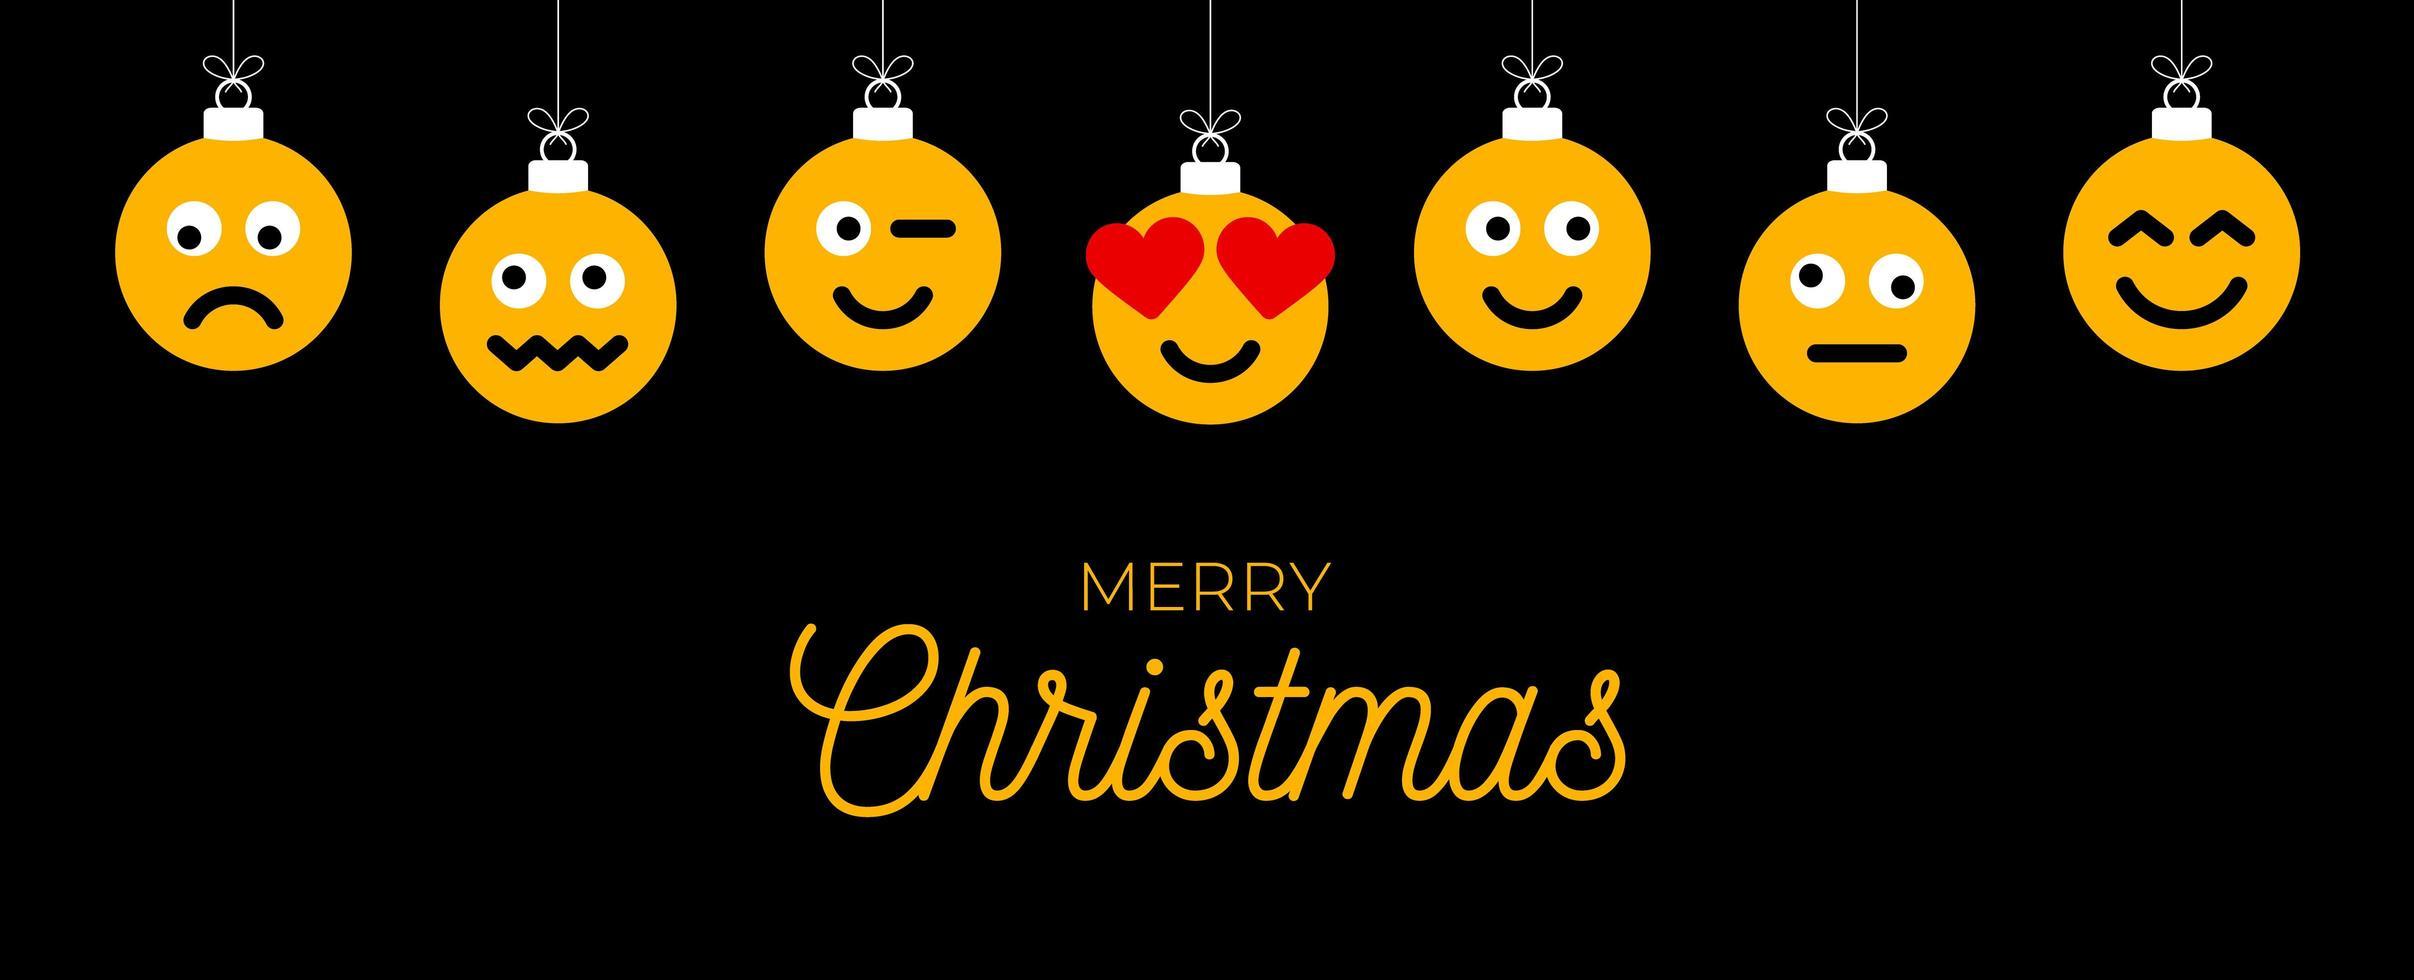 saludo navideño con adornos de cara emoji vector